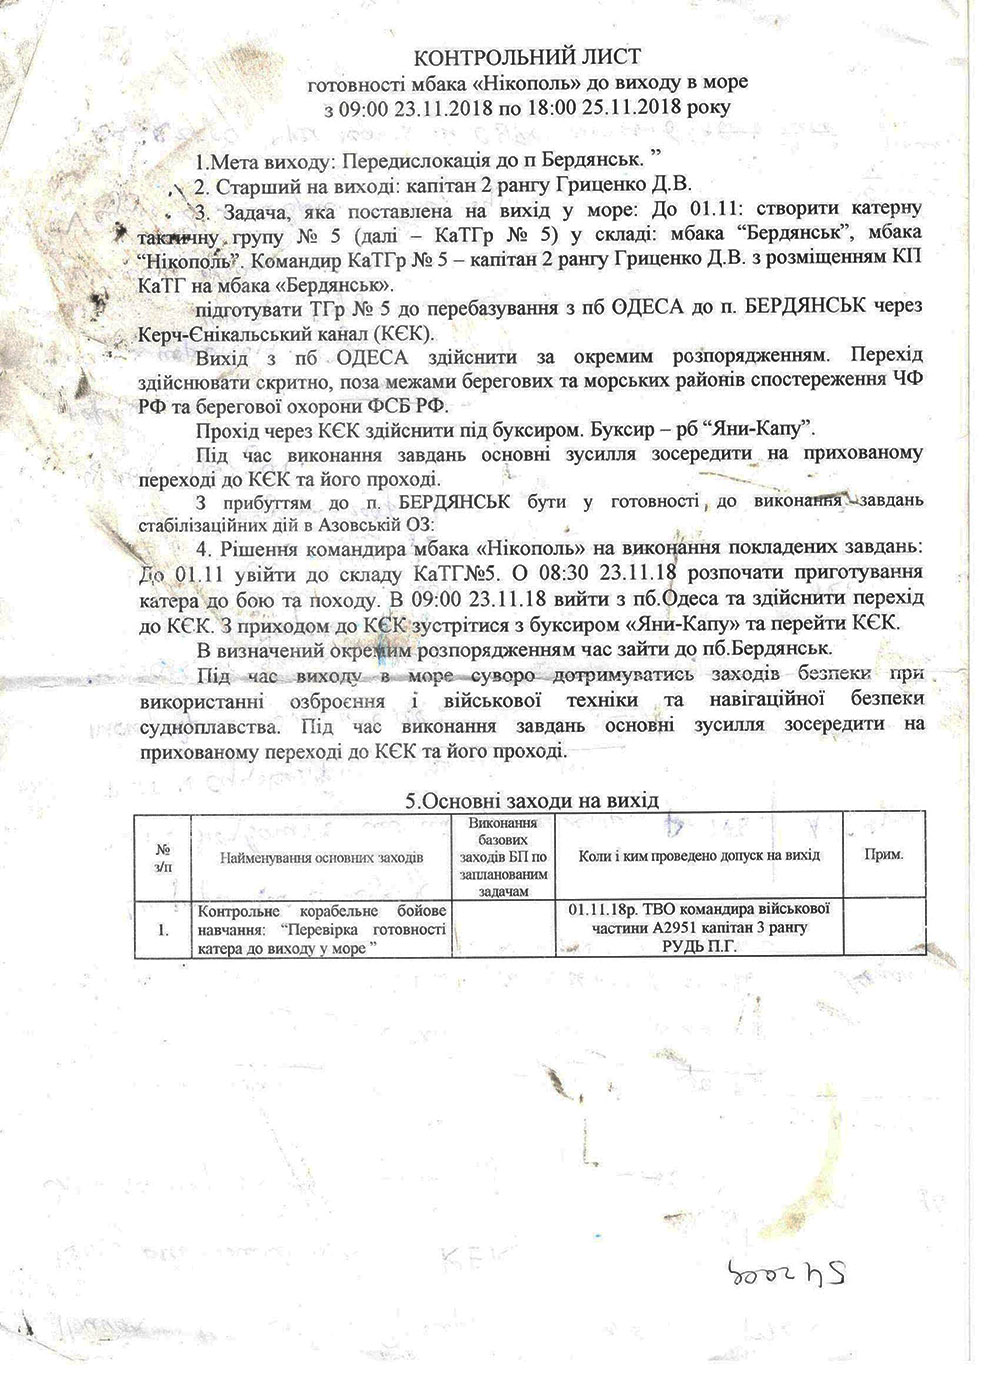 """Контрольный лист готовности корабля """"Никополь"""" к выходу в море"""